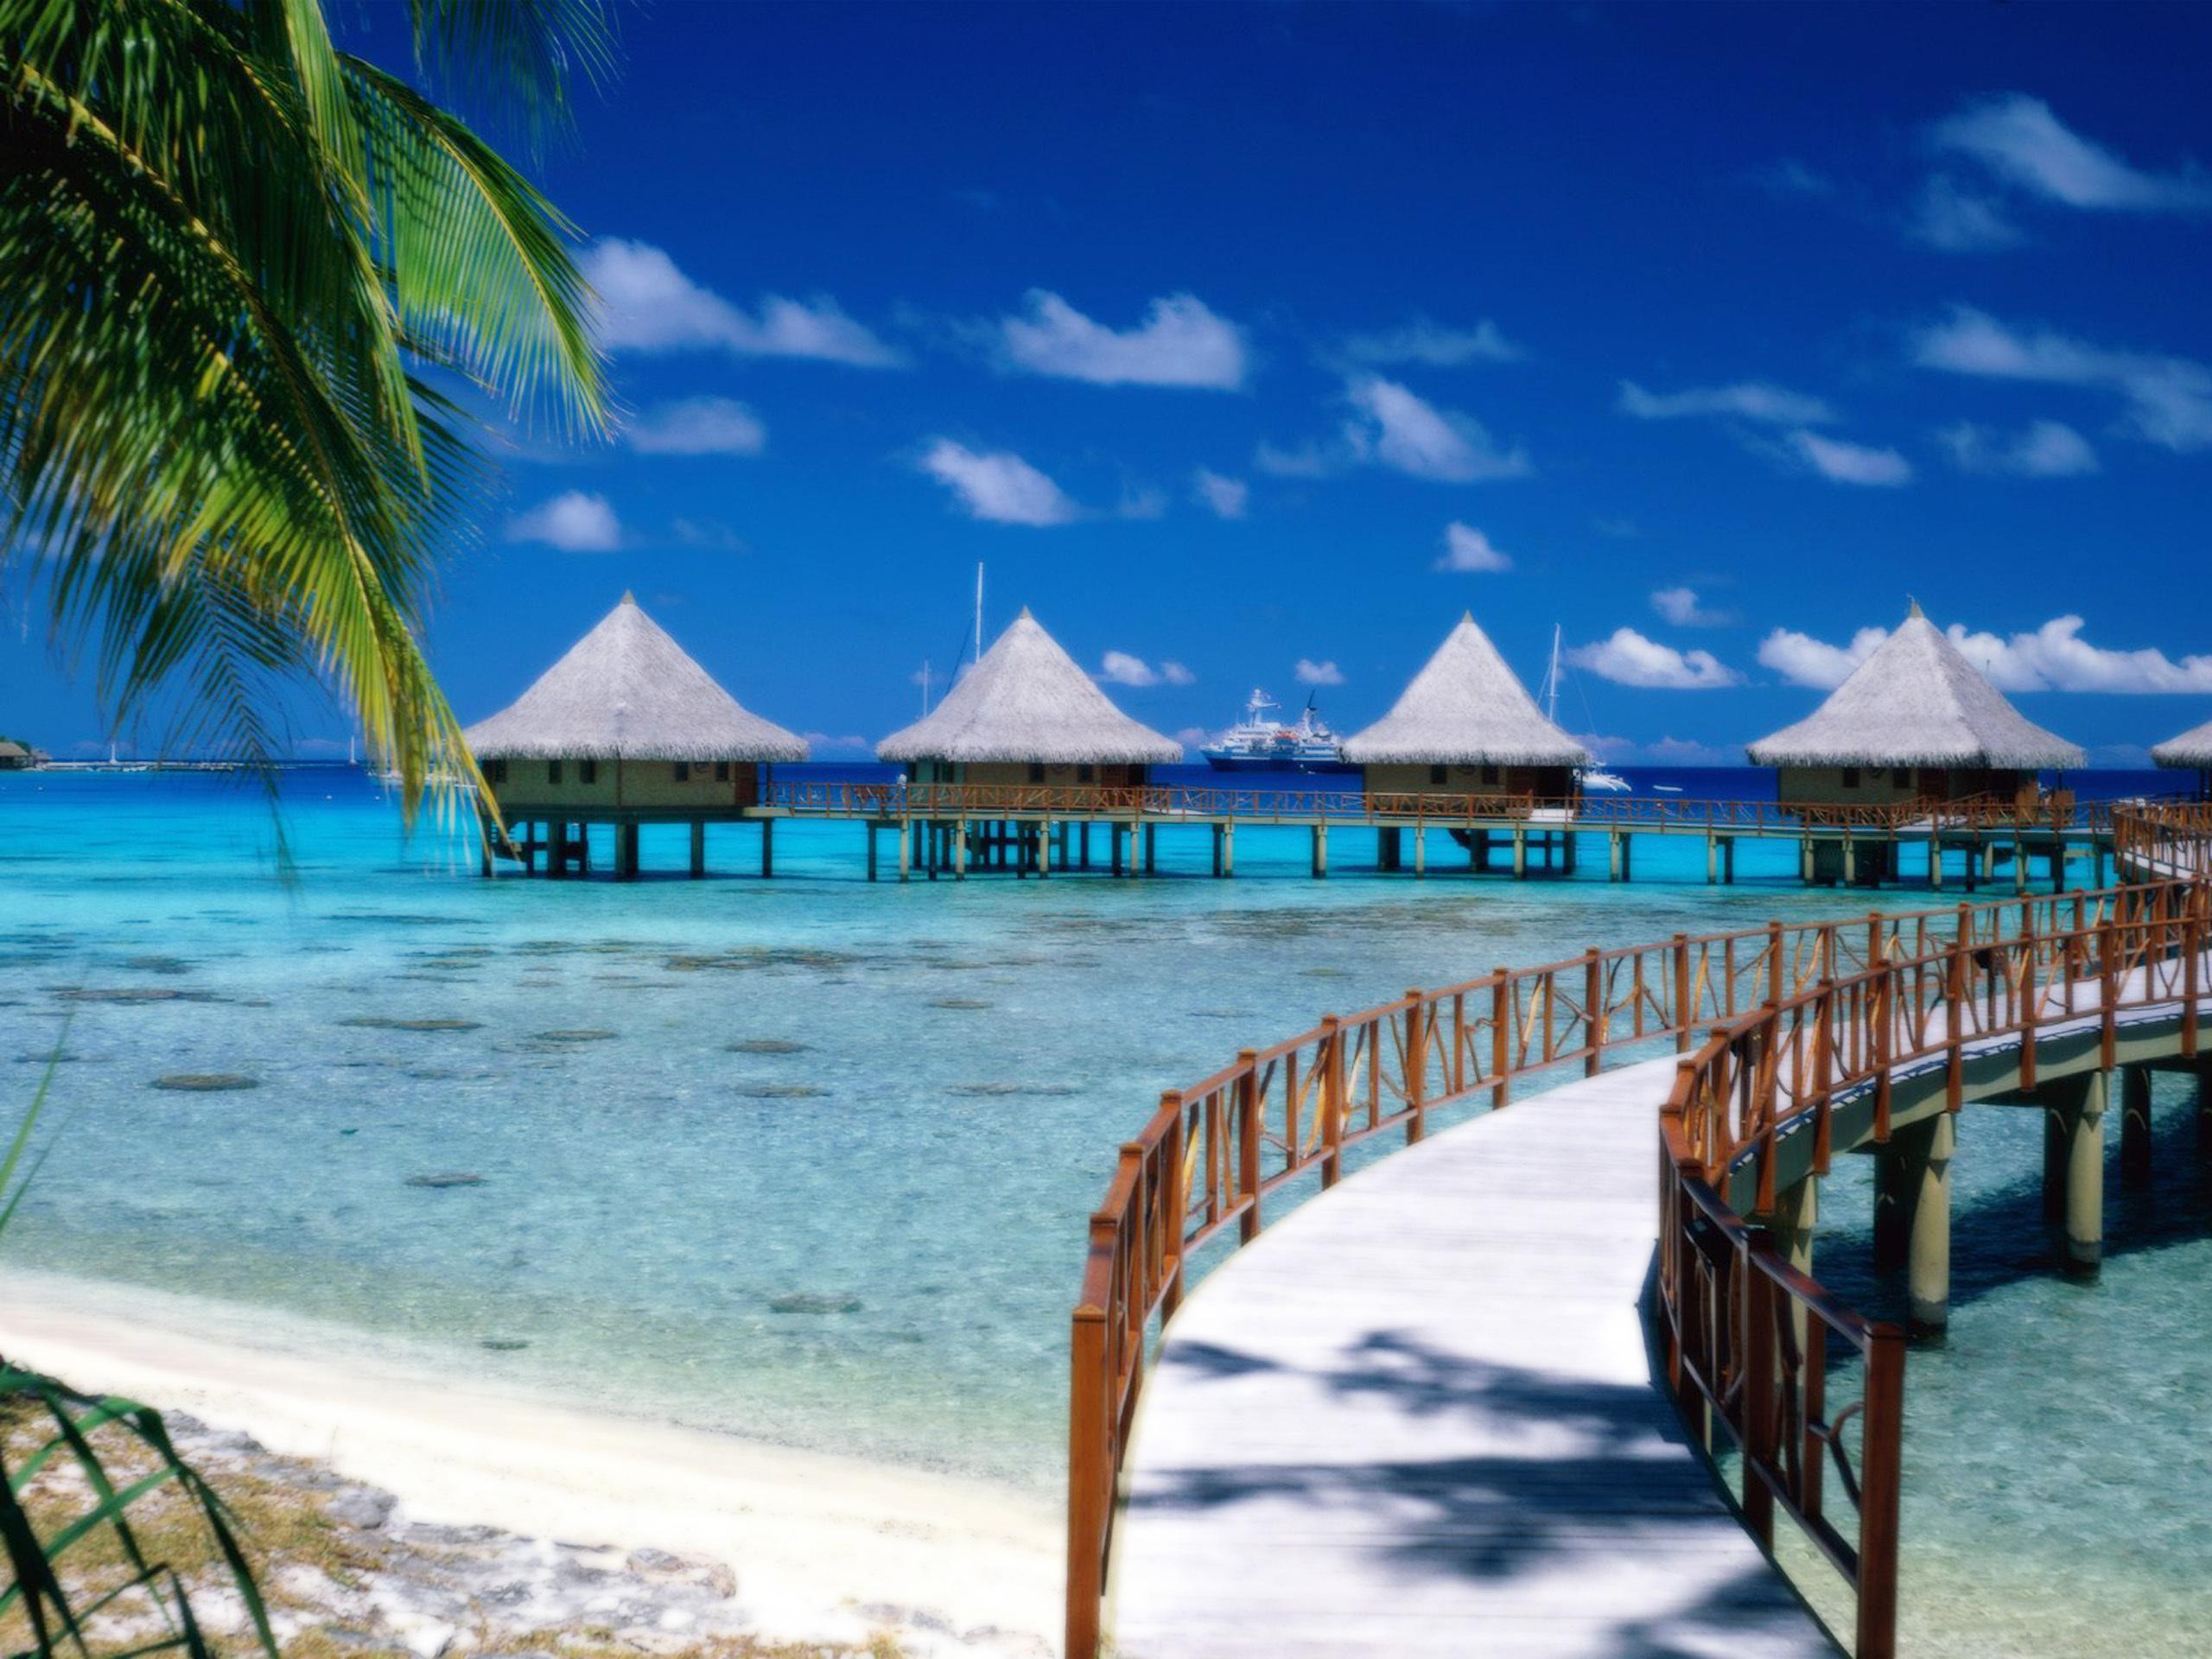 фото красивых пляжей на рабочий стол обладают высокой